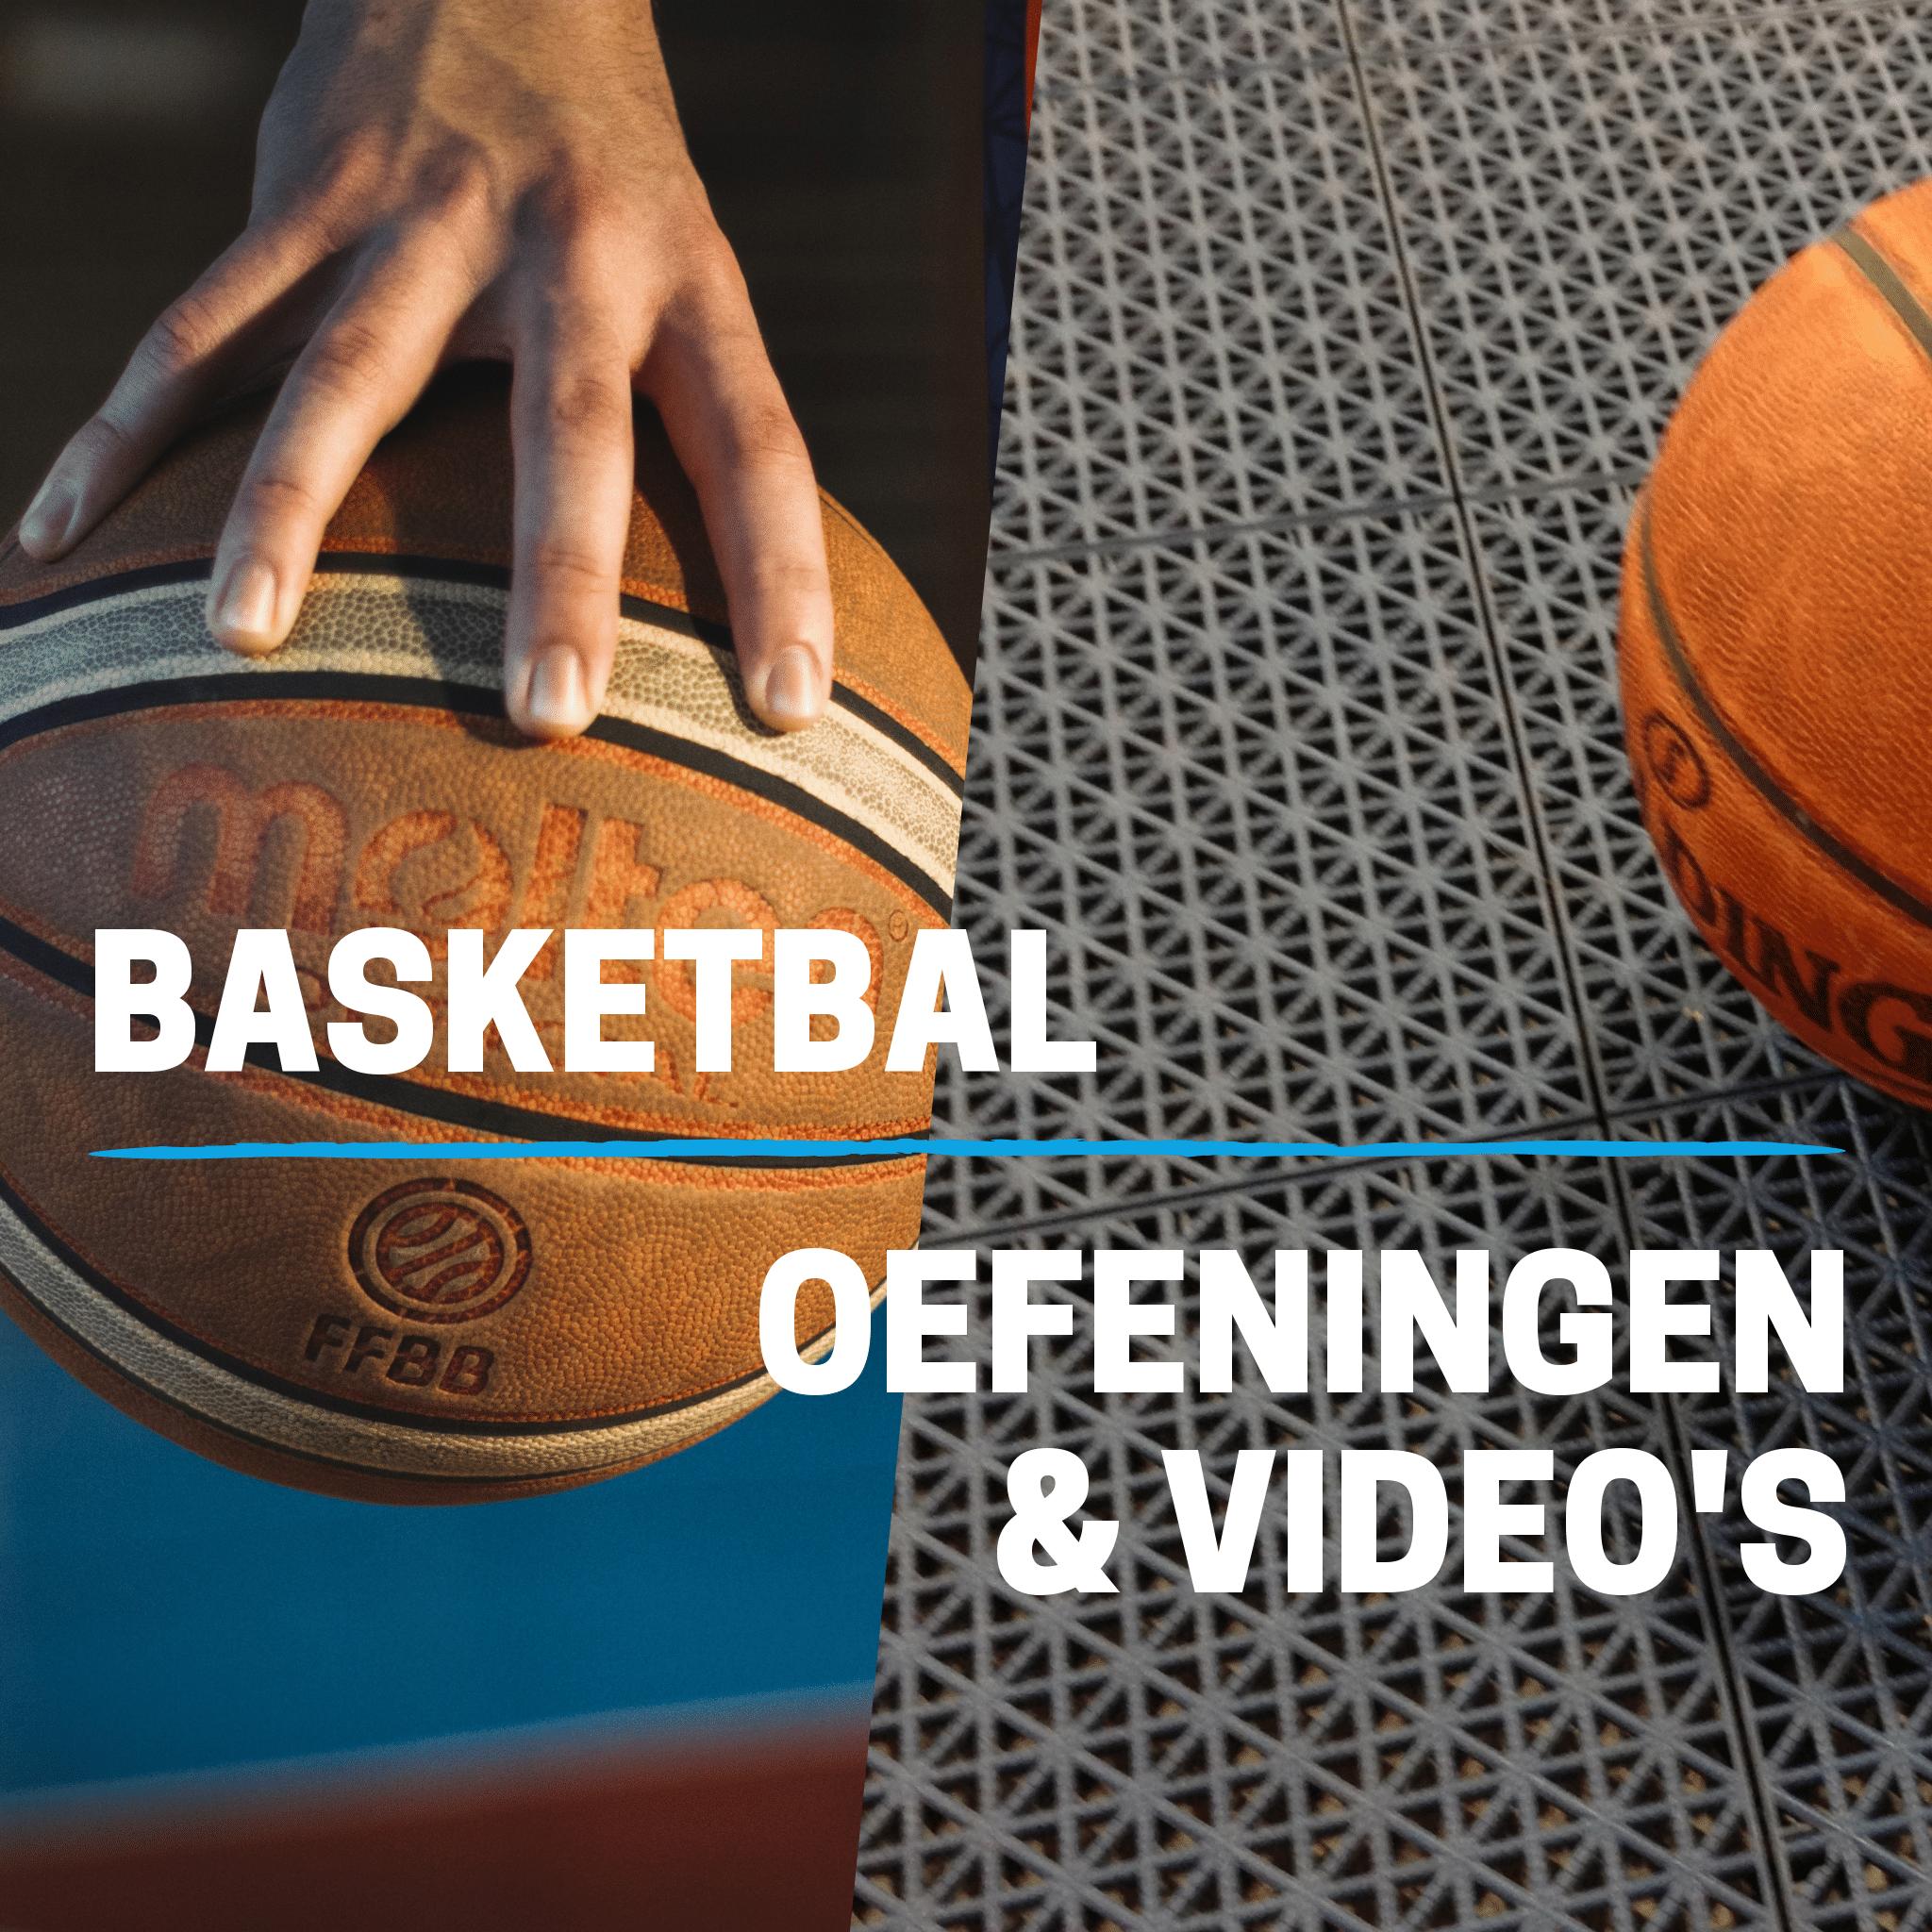 Demo basketbal voor 1 maand